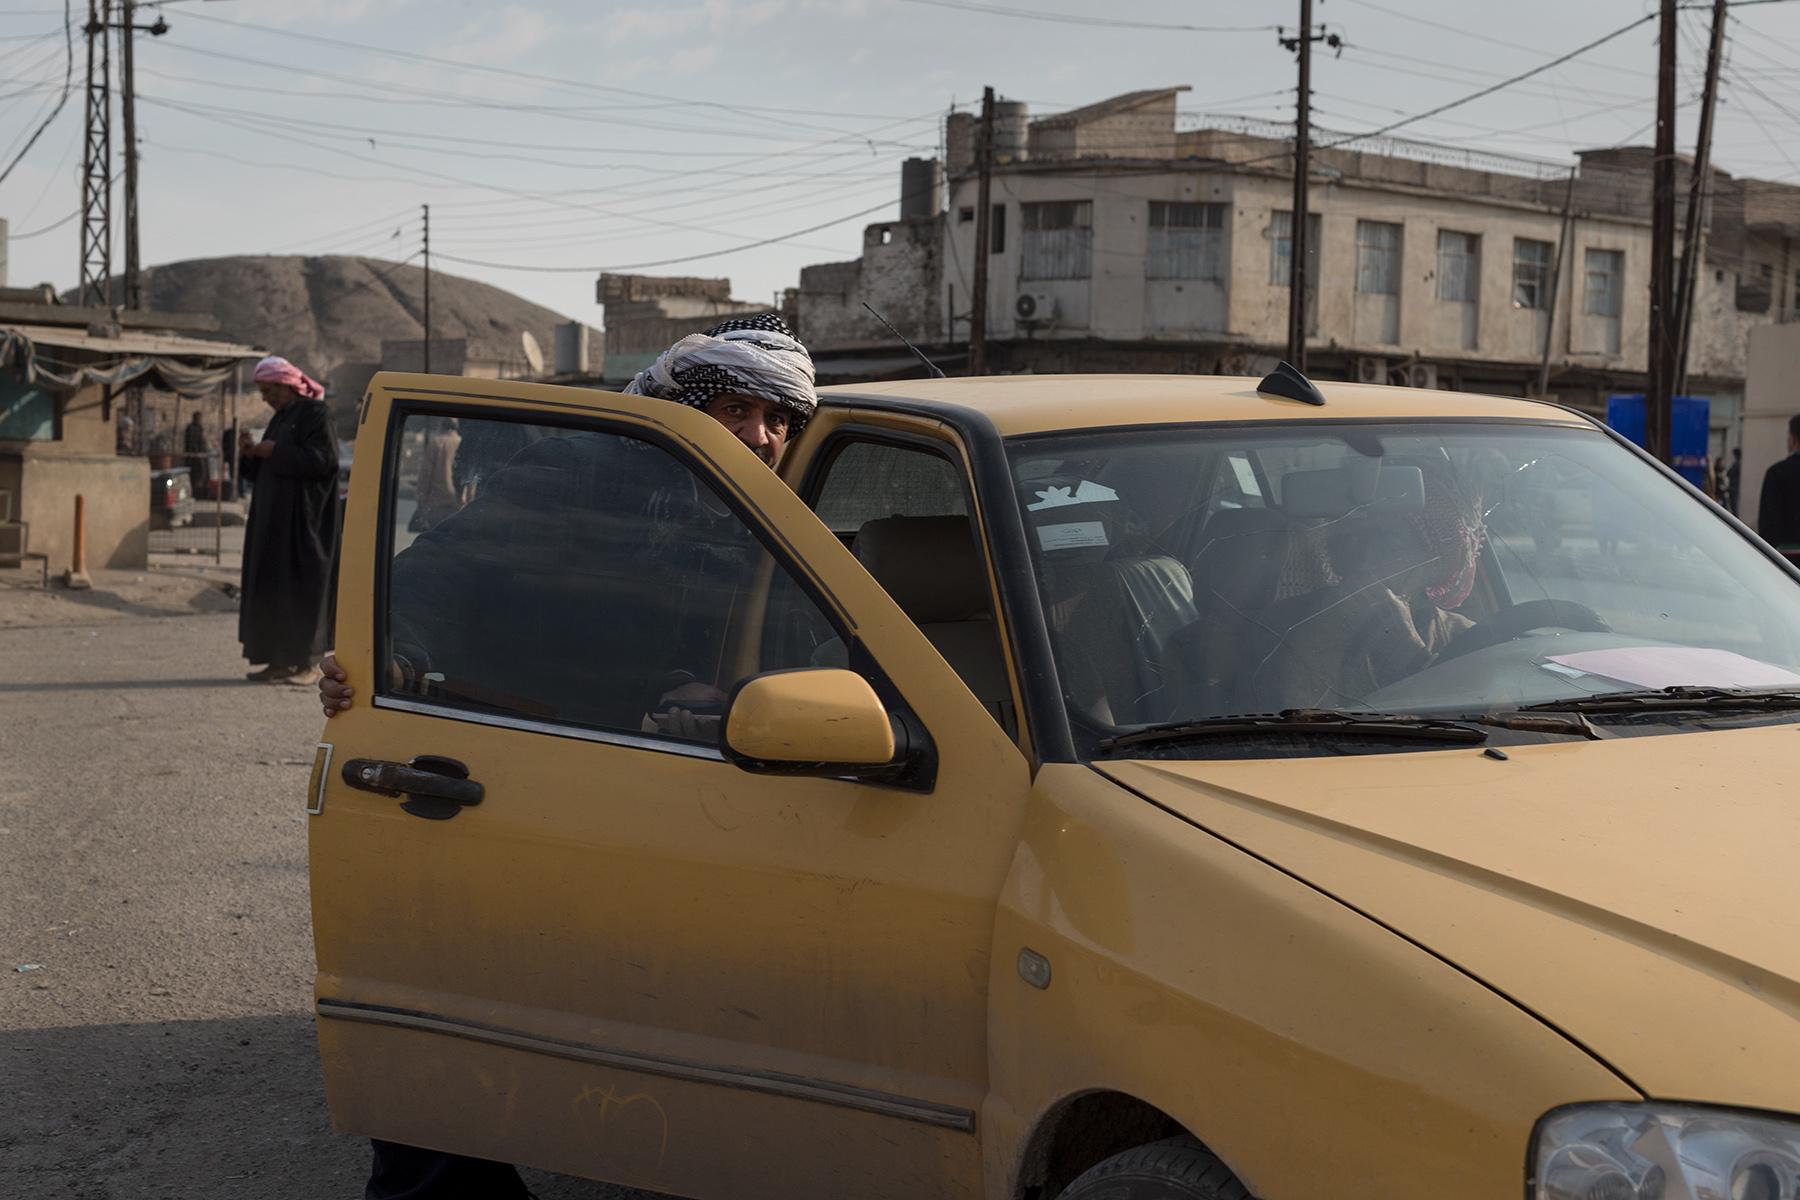 Street scene in Hammam al-Alil, Iraq on Jan. 8, 2017.